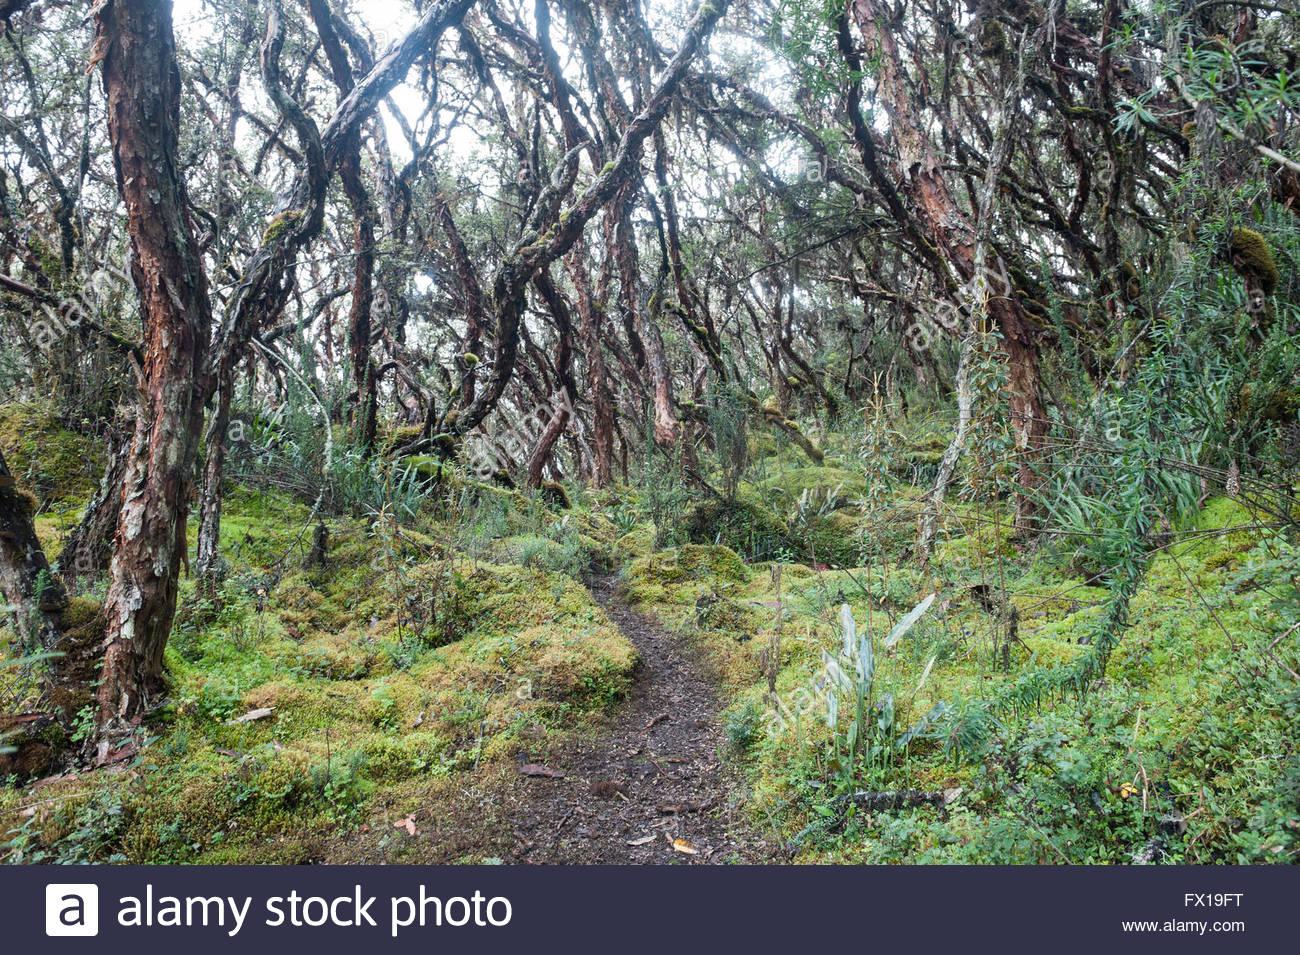 parque-nacional-el-cajas-ecuador-situate